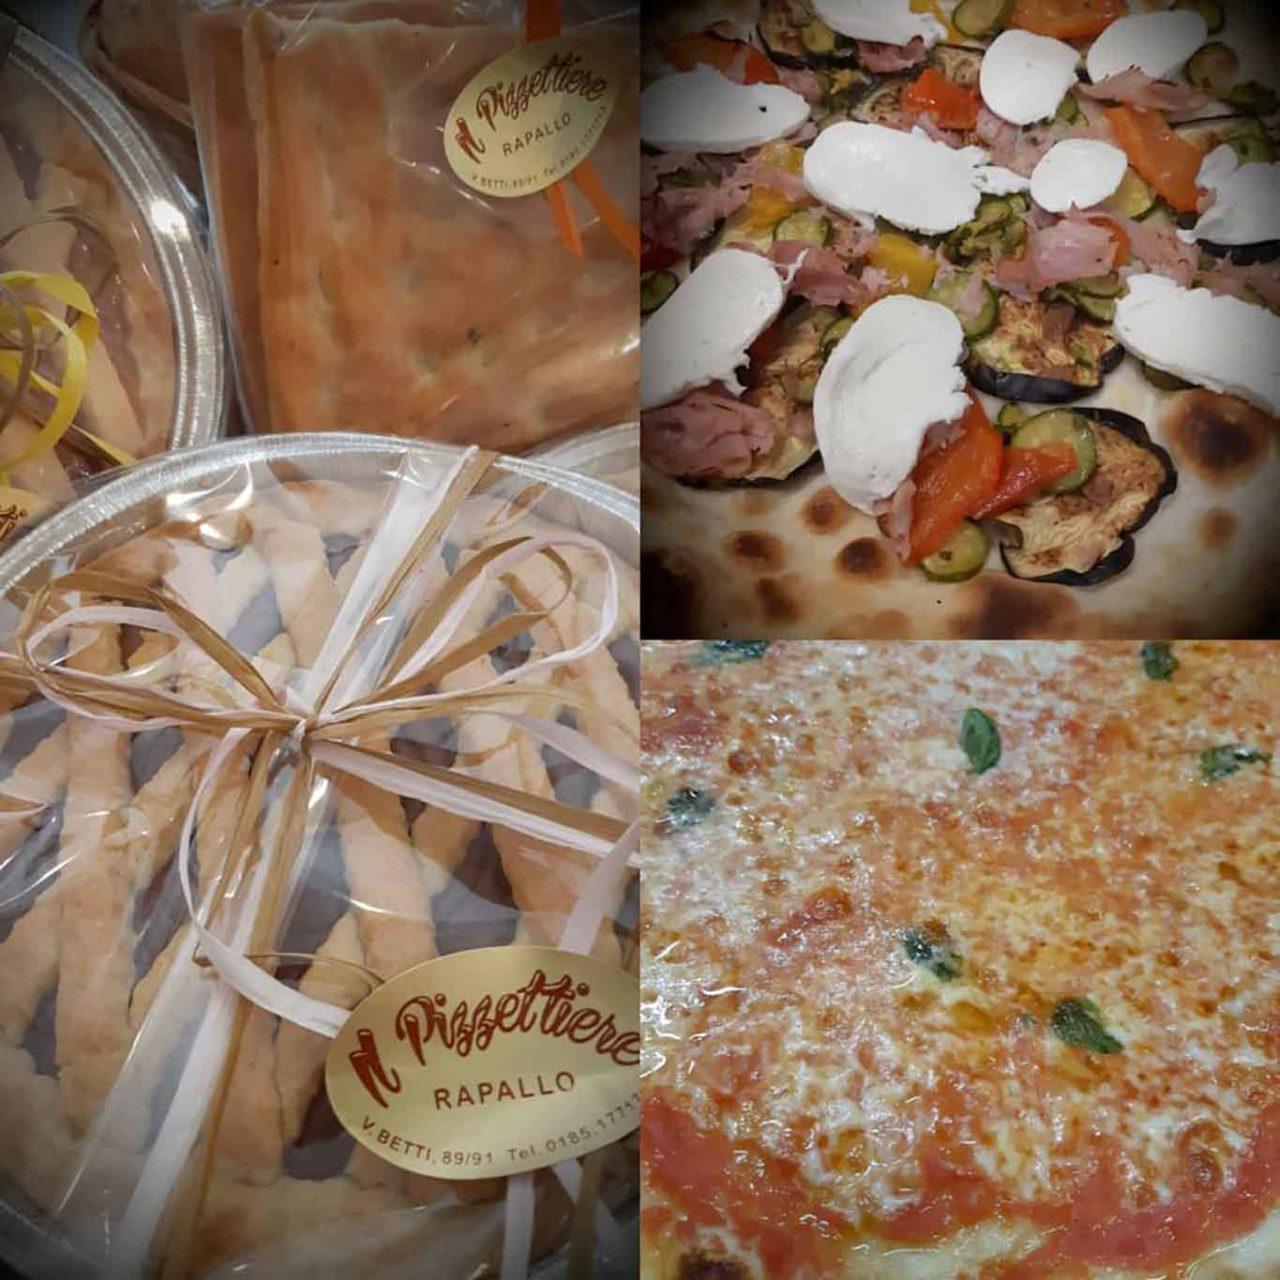 il pizzettiere a Rapallo